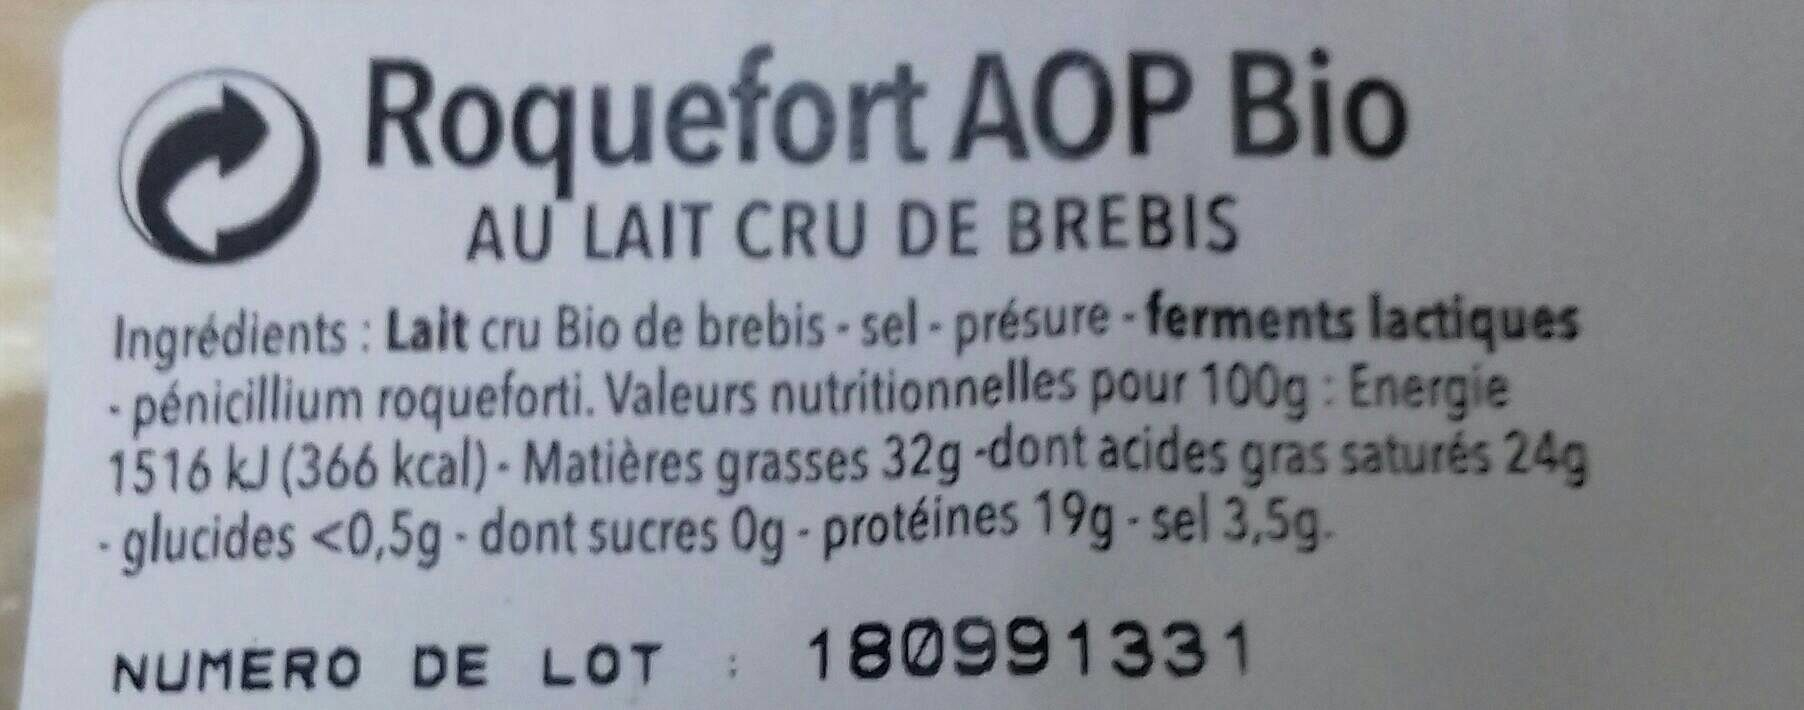 Roquefort AOP Bio - Ingrédients - fr